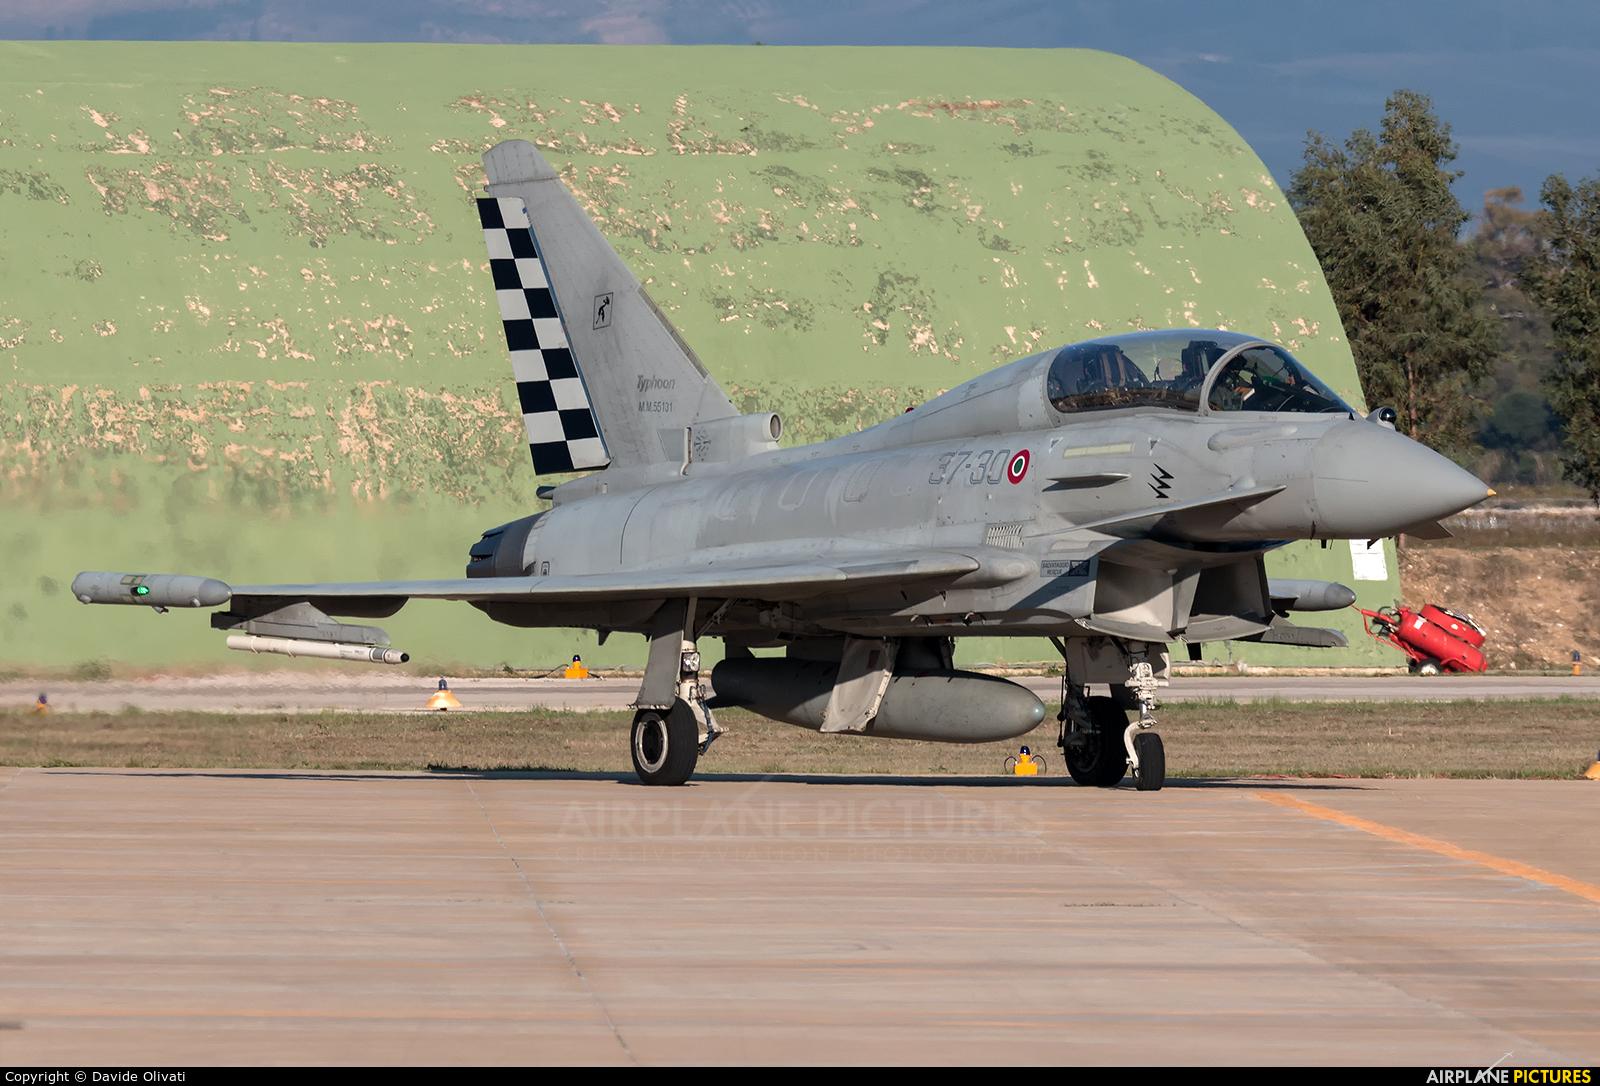 Italy - Air Force MM55131 aircraft at Trapani - Birgi